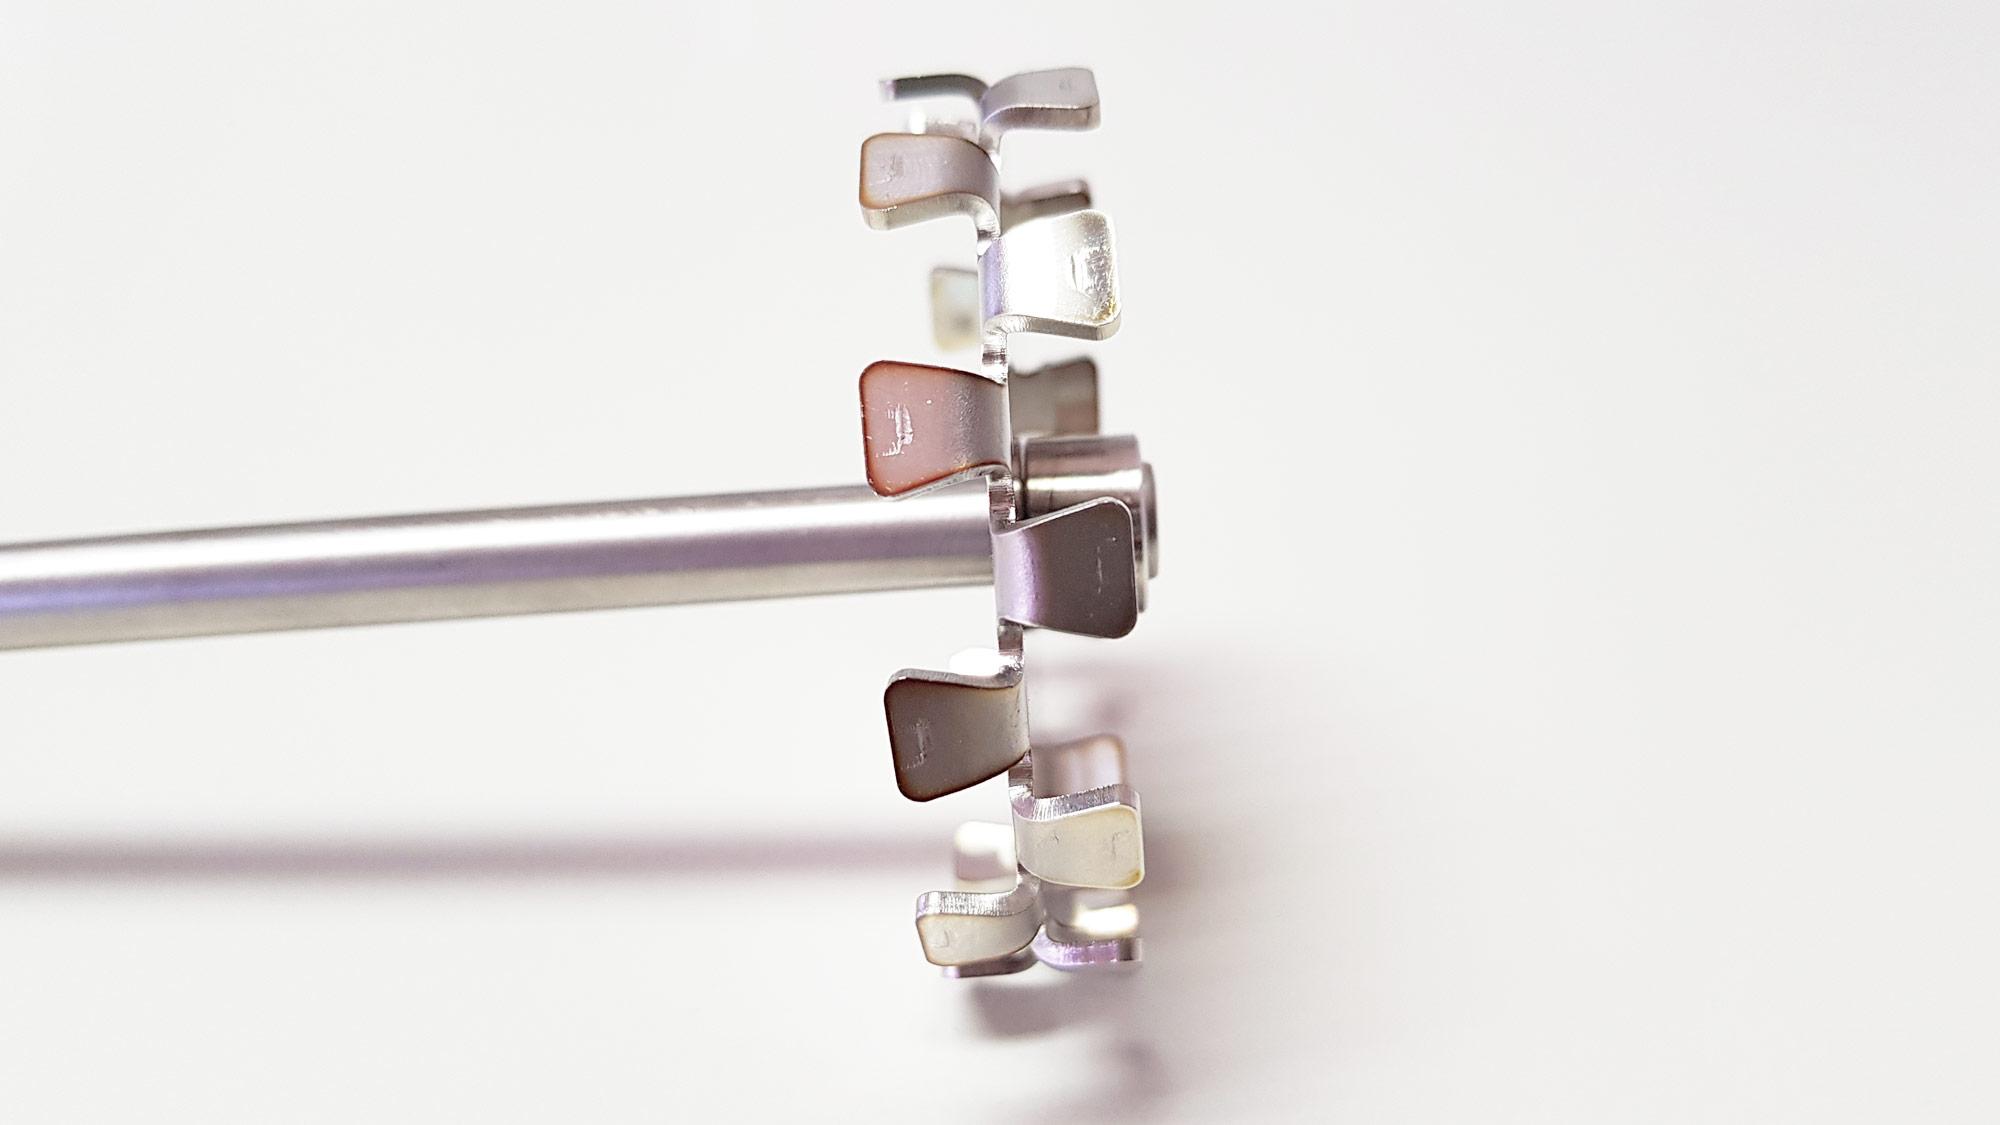 Helice centrifuga ou dentada para agitadores de laboratório